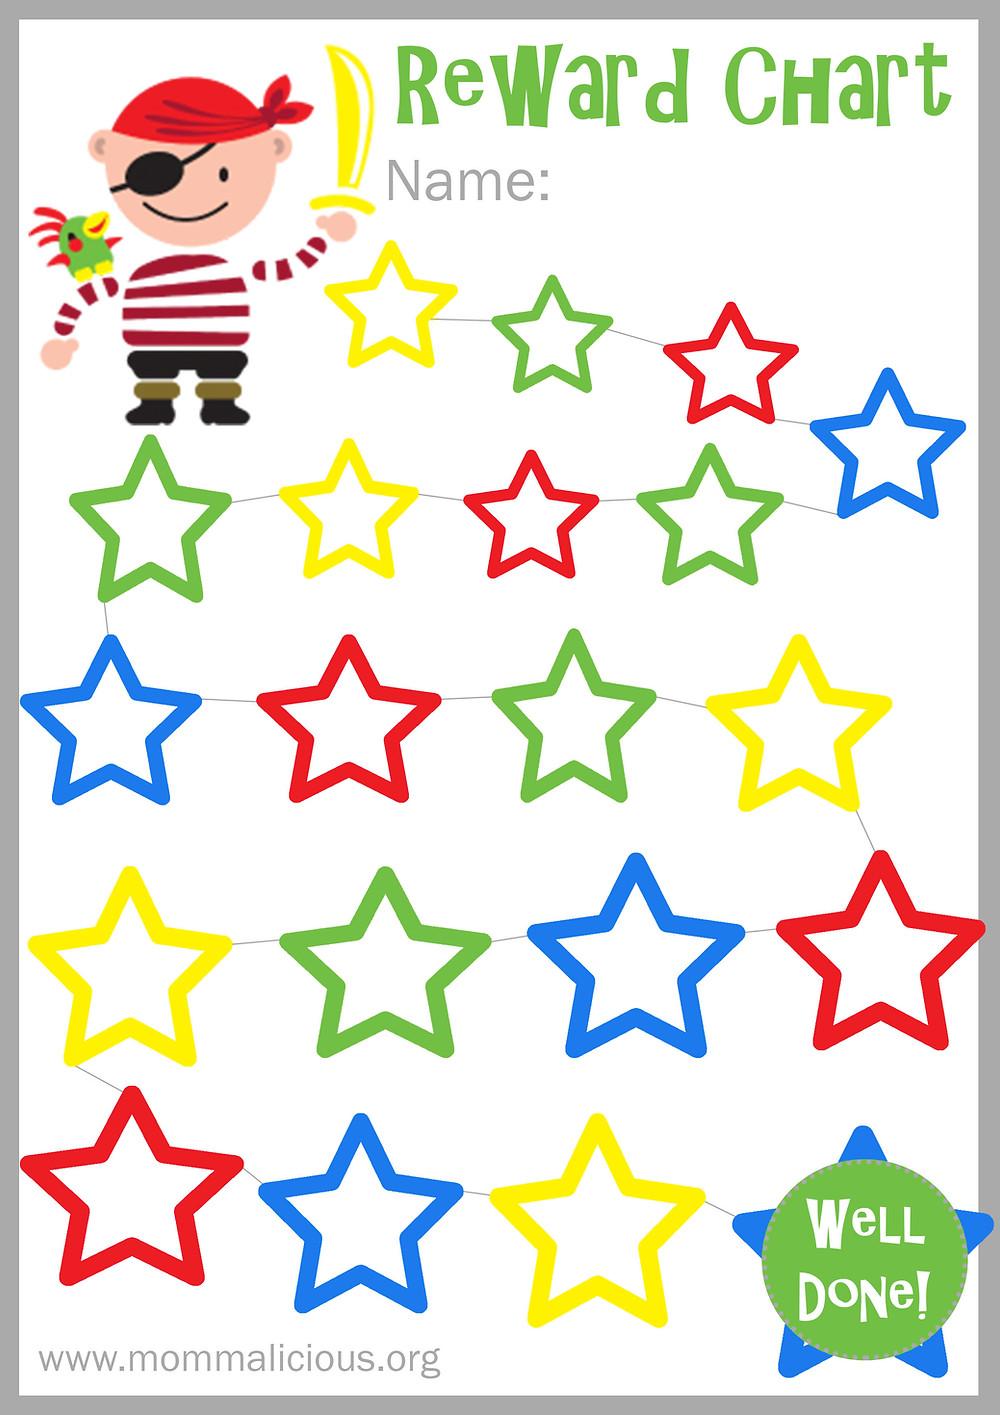 Reward Chart for boys